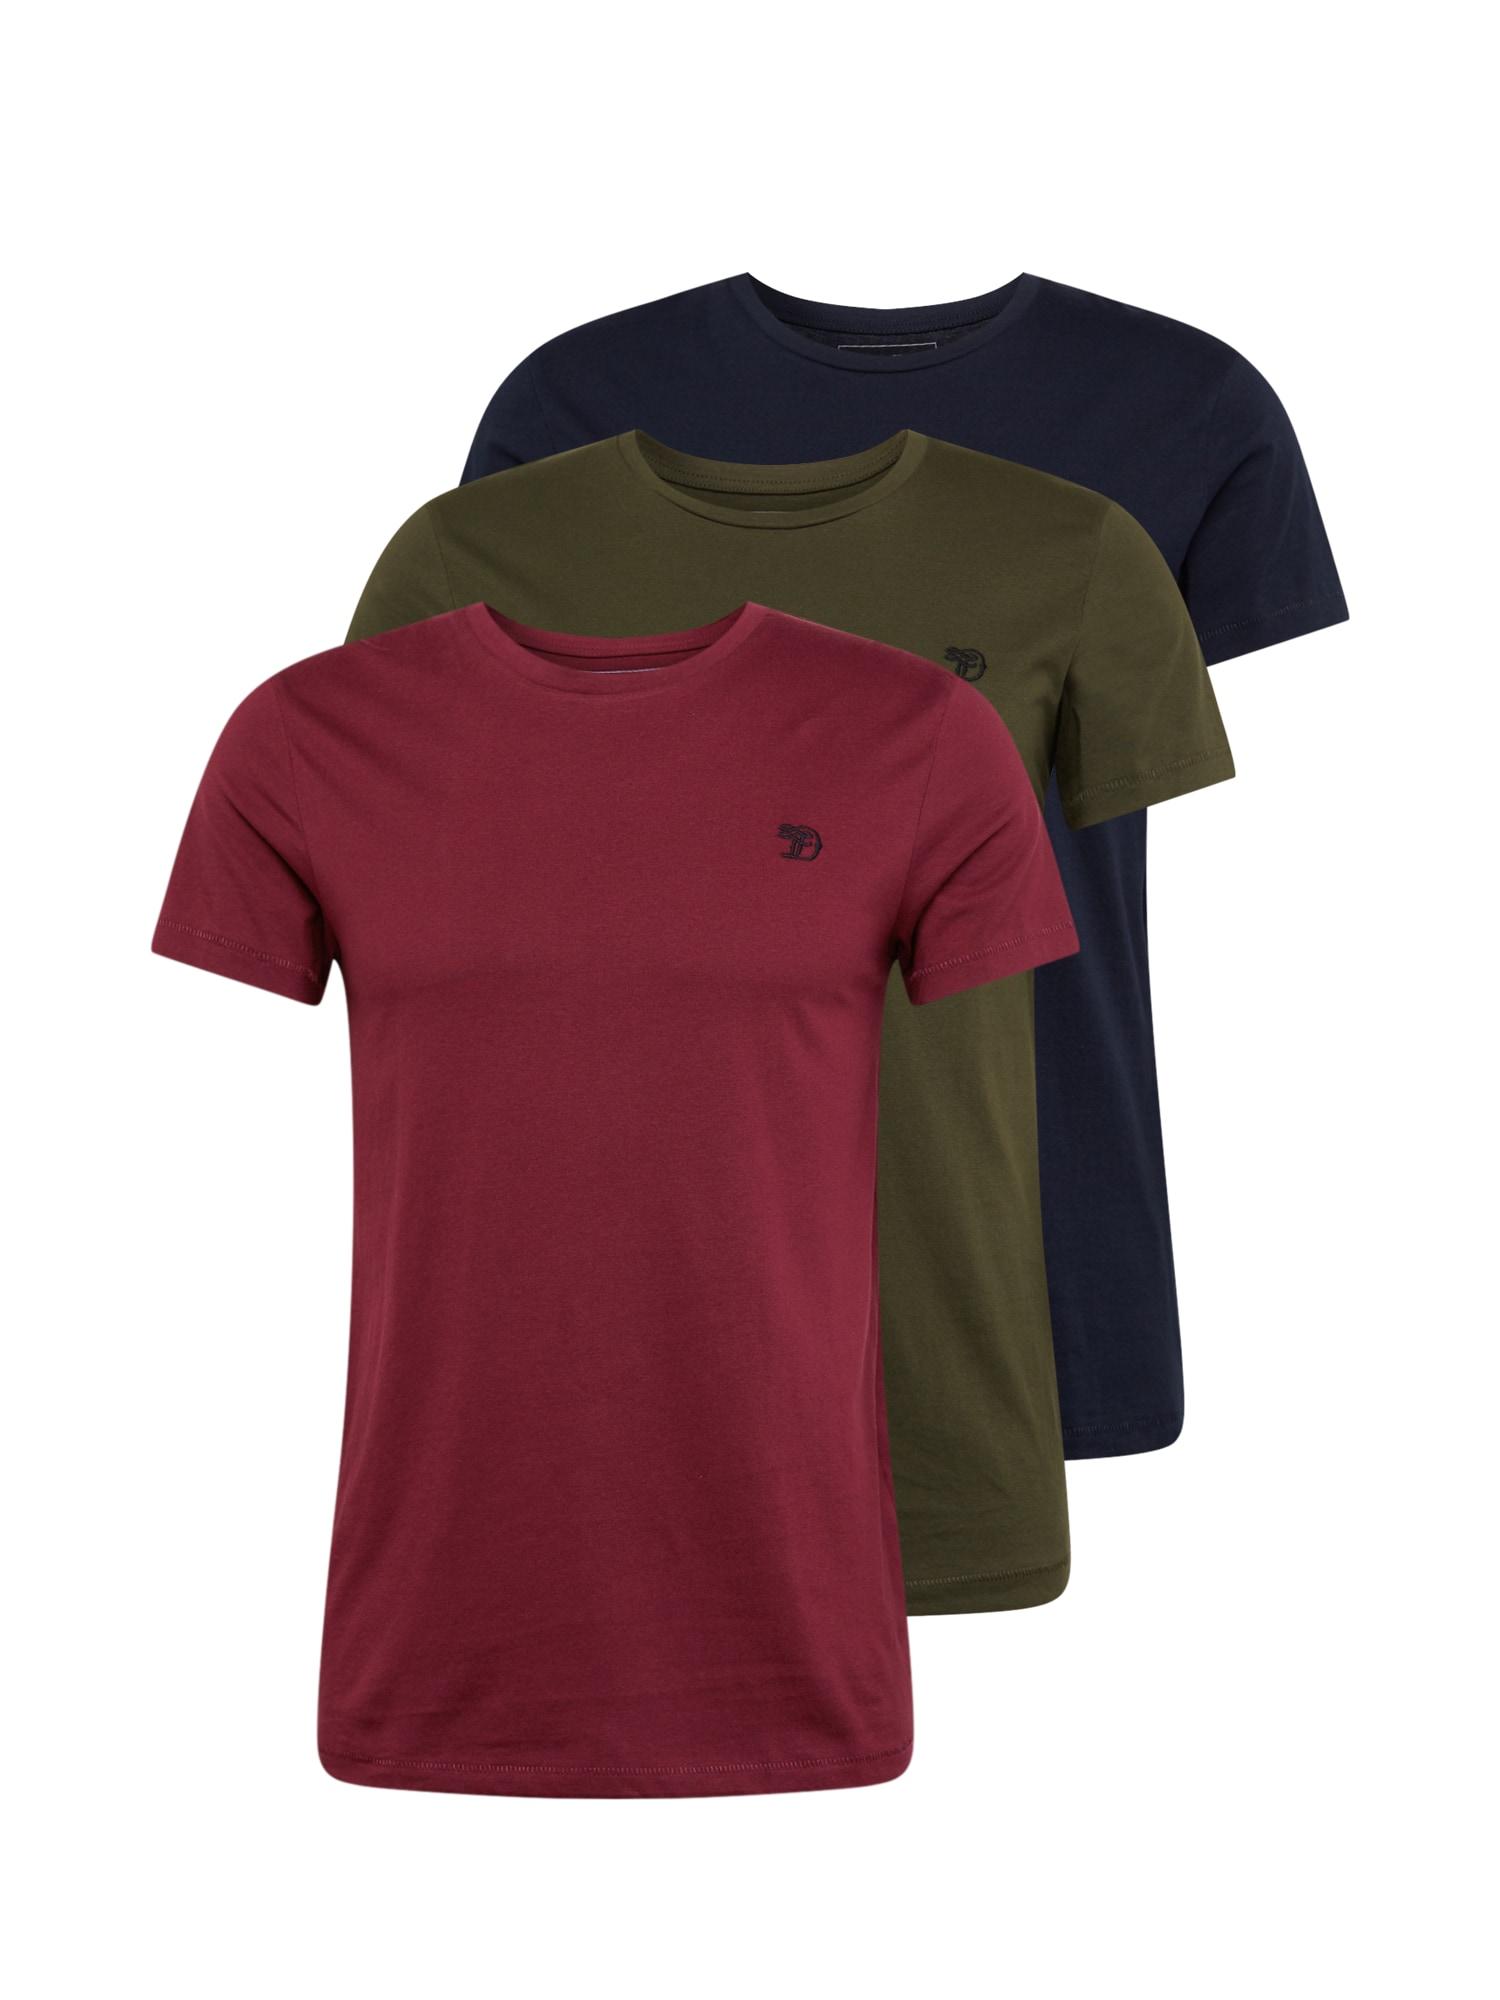 TOM TAILOR DENIM Marškinėliai vyno raudona spalva / tamsiai mėlyna / alyvuogių spalva